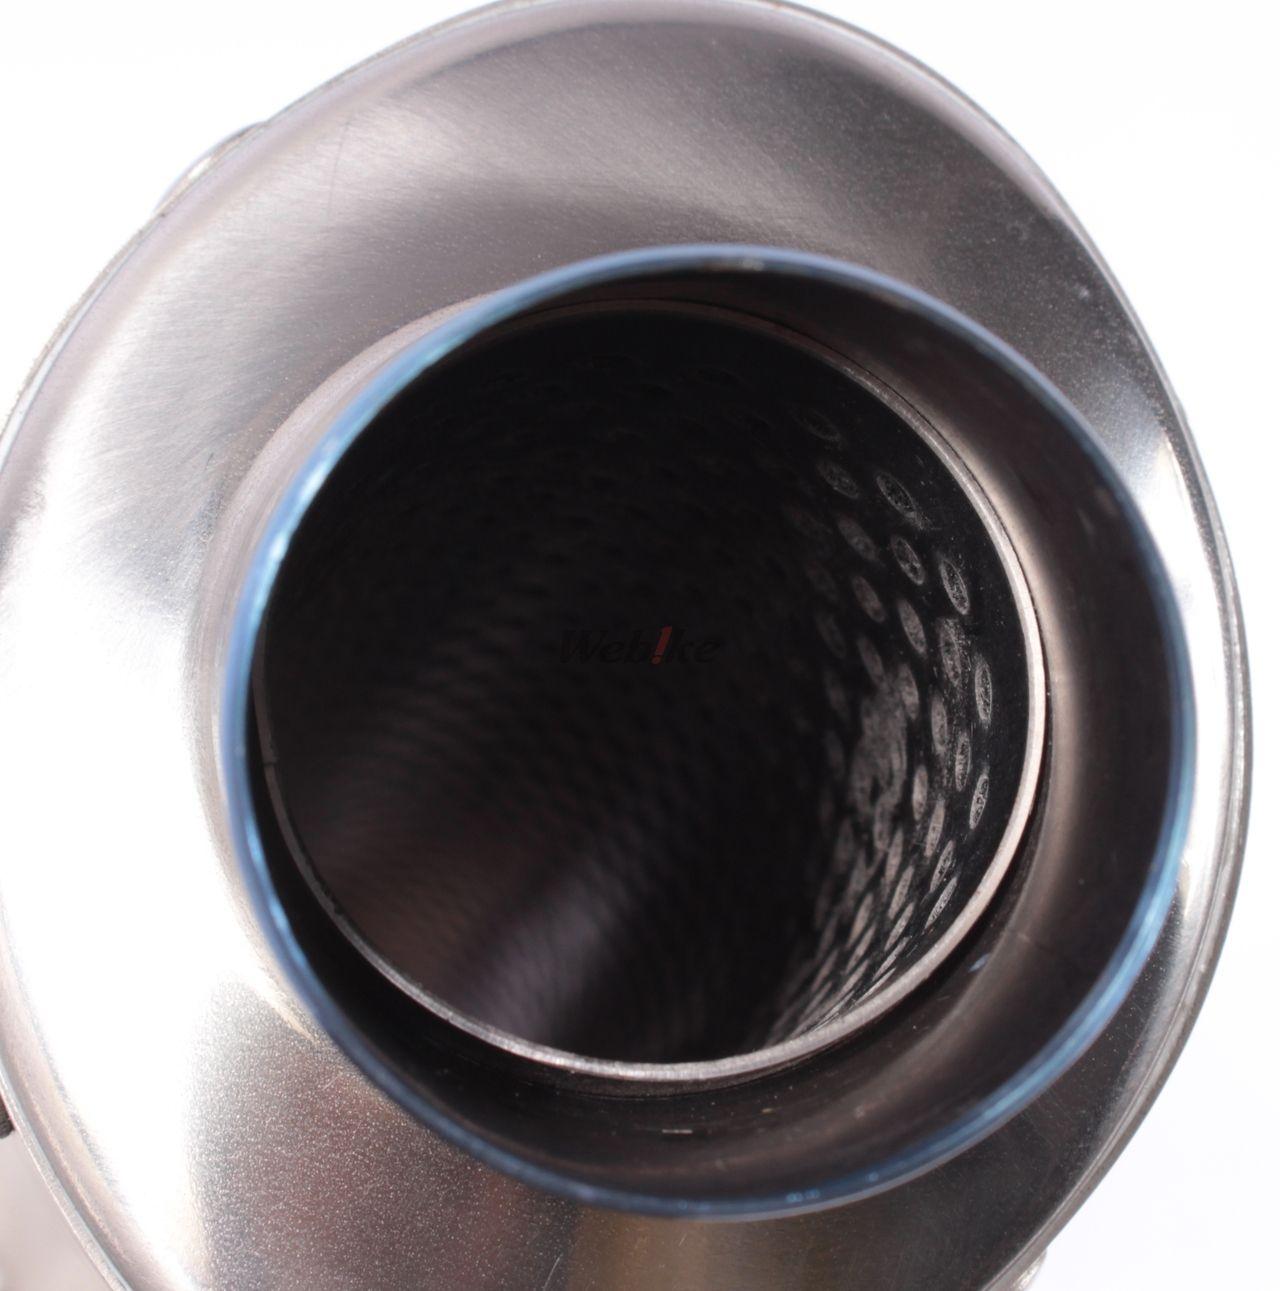 【OVER】鈦合金拋光藍色全段排氣管 - 「Webike-摩托百貨」